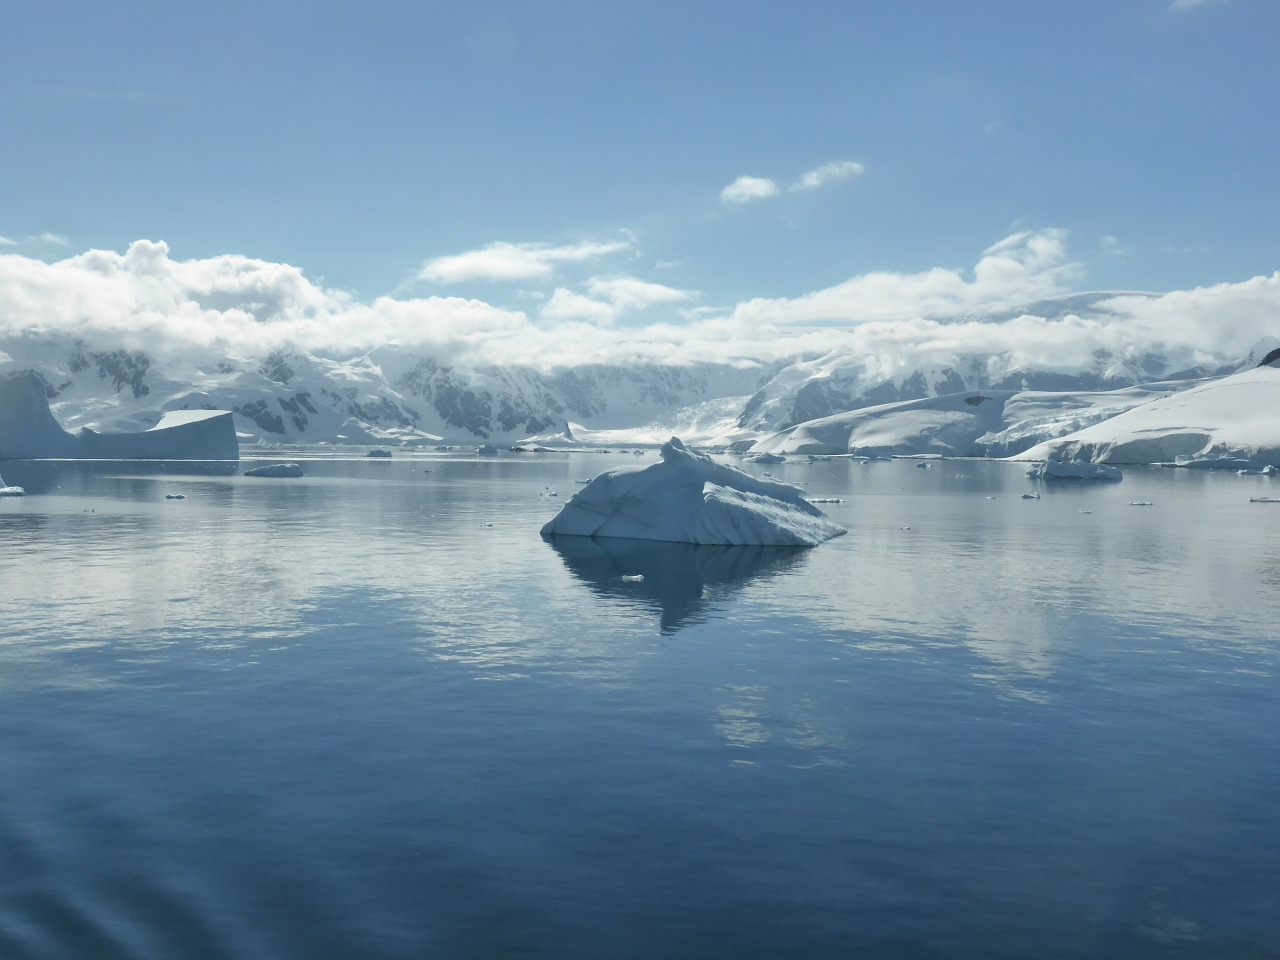 氷の下へ潜ろう!北海道の知床で流氷ダイビングにチャレンジ